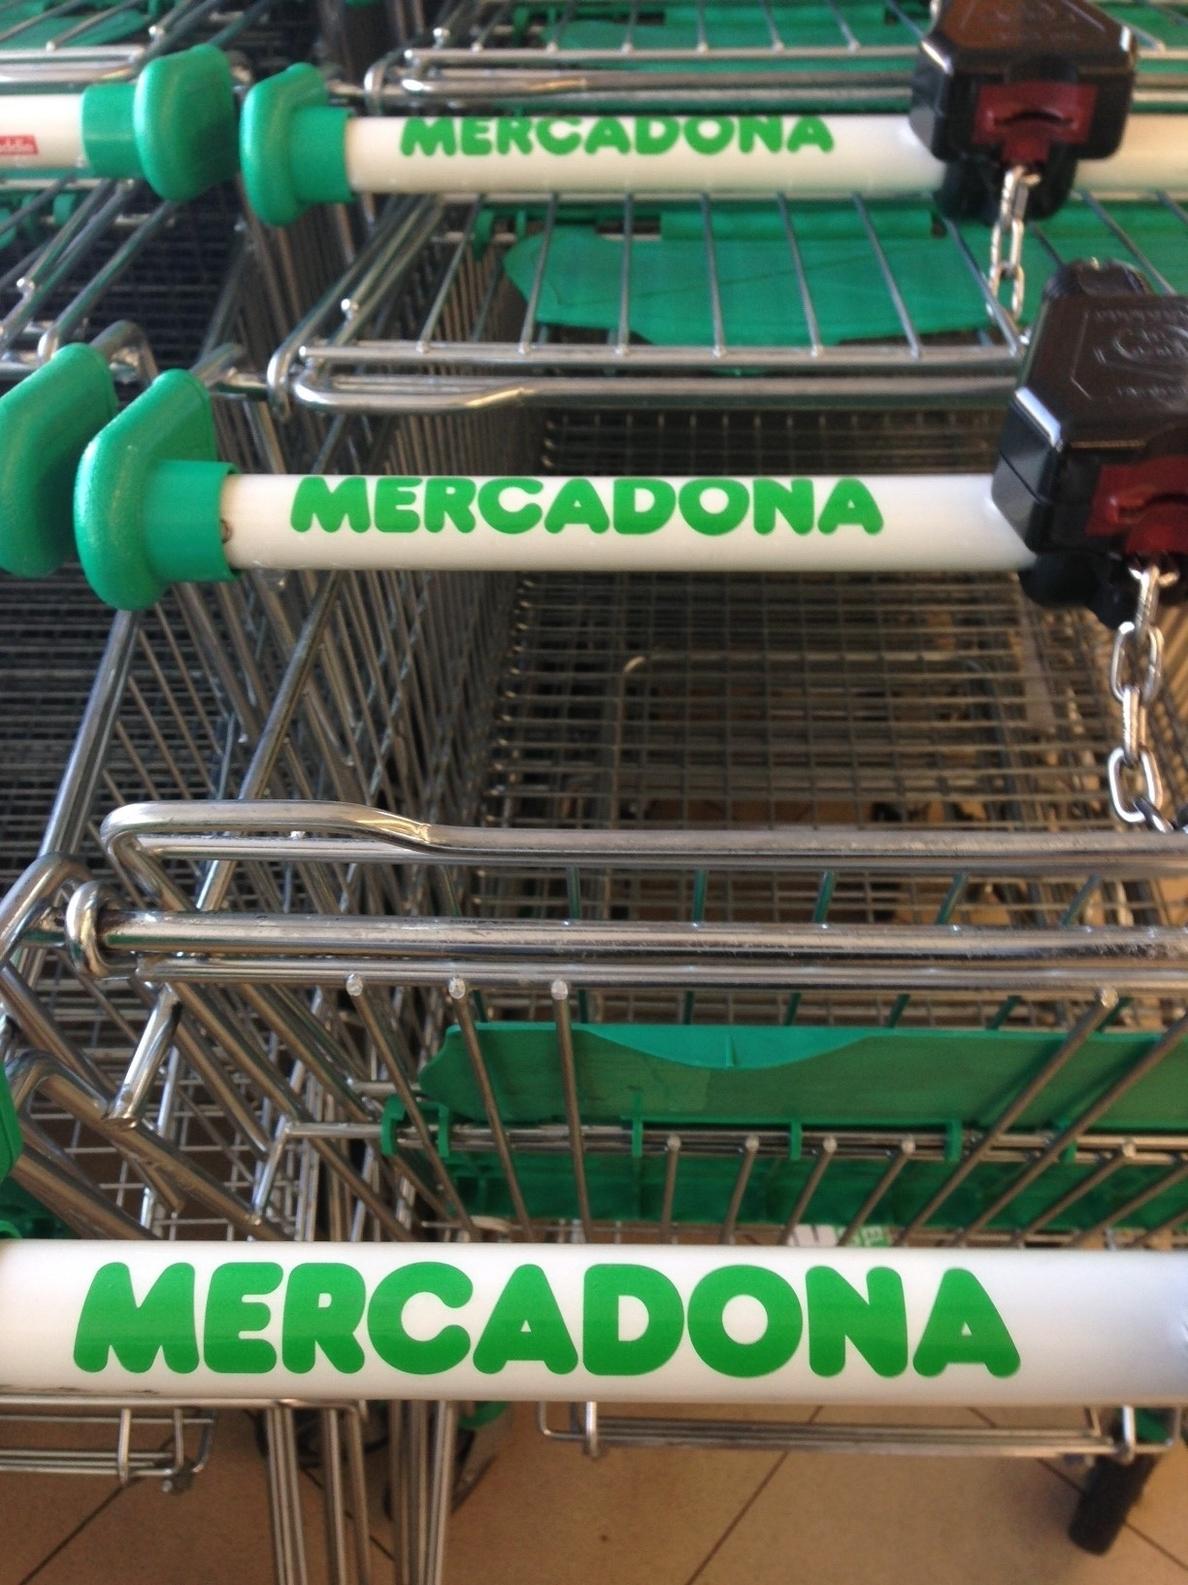 Mercadona aterriza mañana en el País Vasco y planea abrir 25 tiendas en seis años con 1.000 empleos